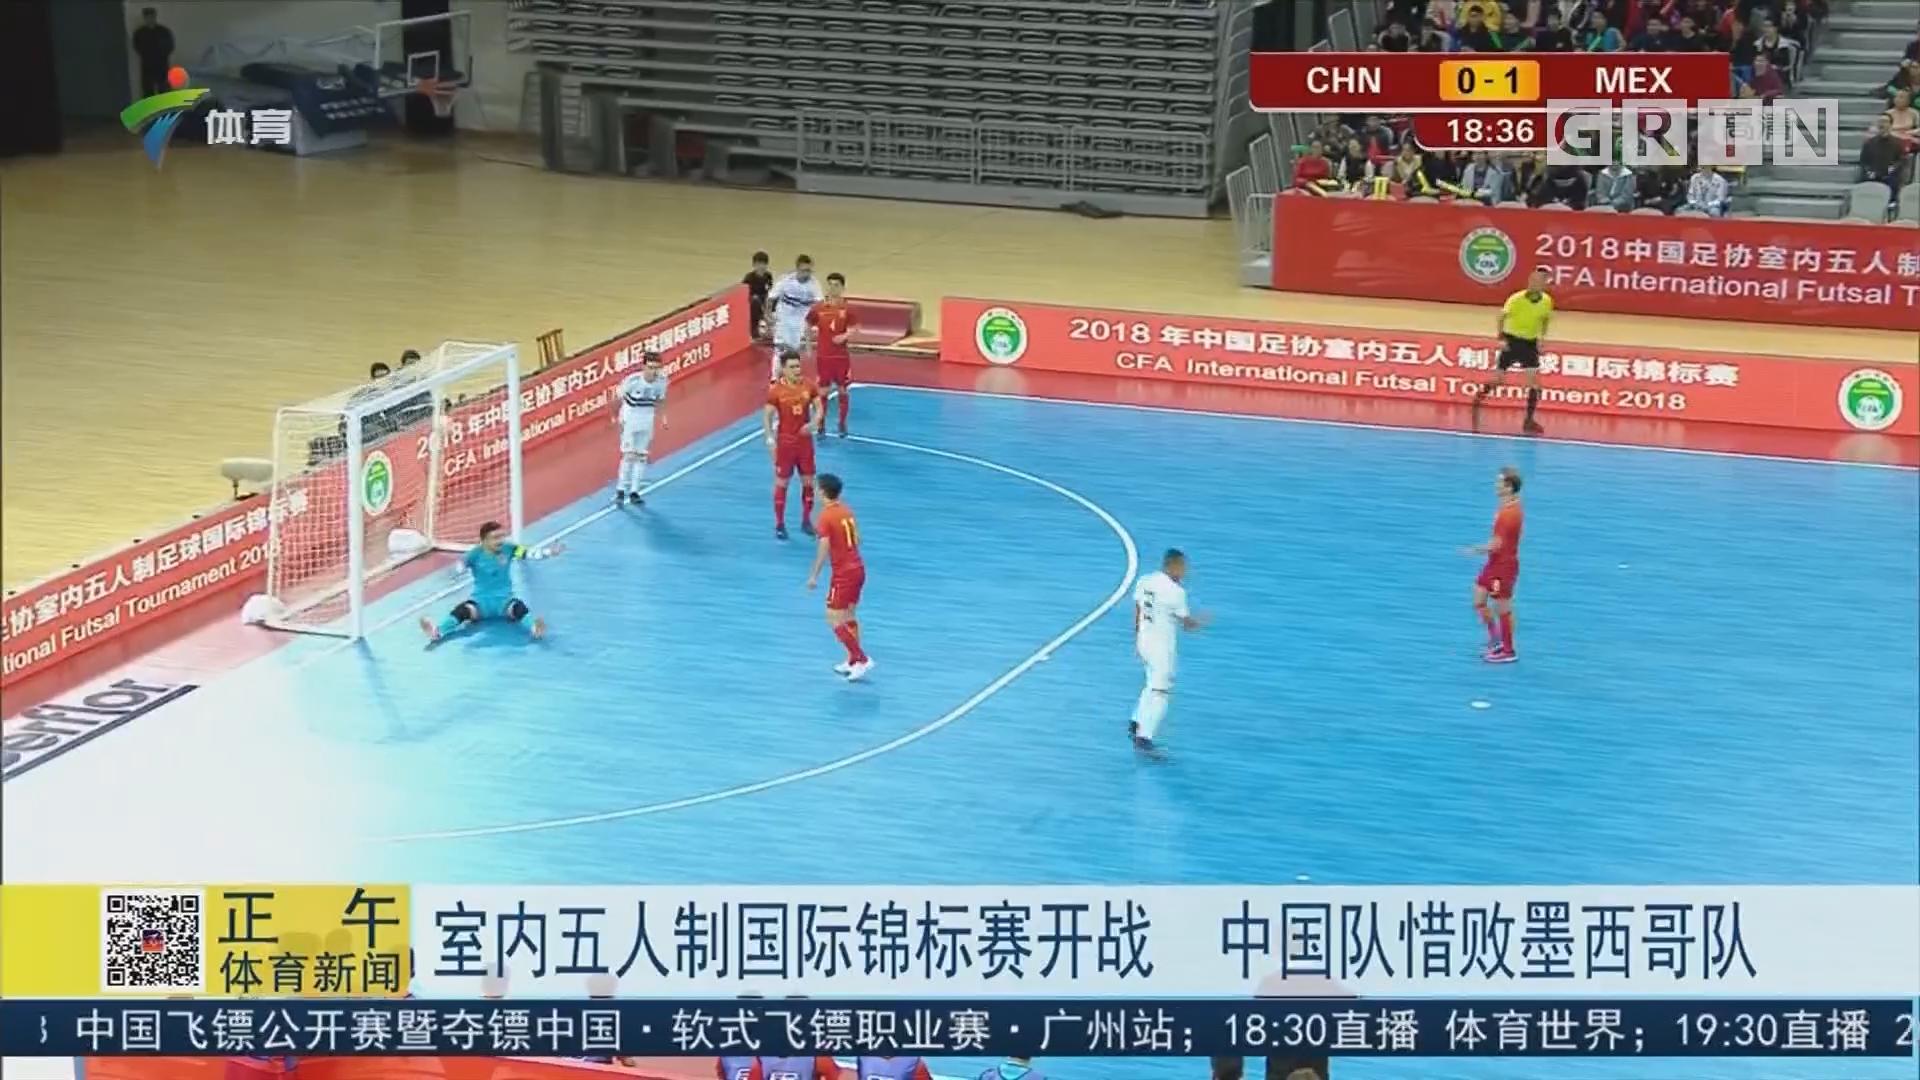 室内五人制国际锦标赛开战 中国队惜败墨西哥队